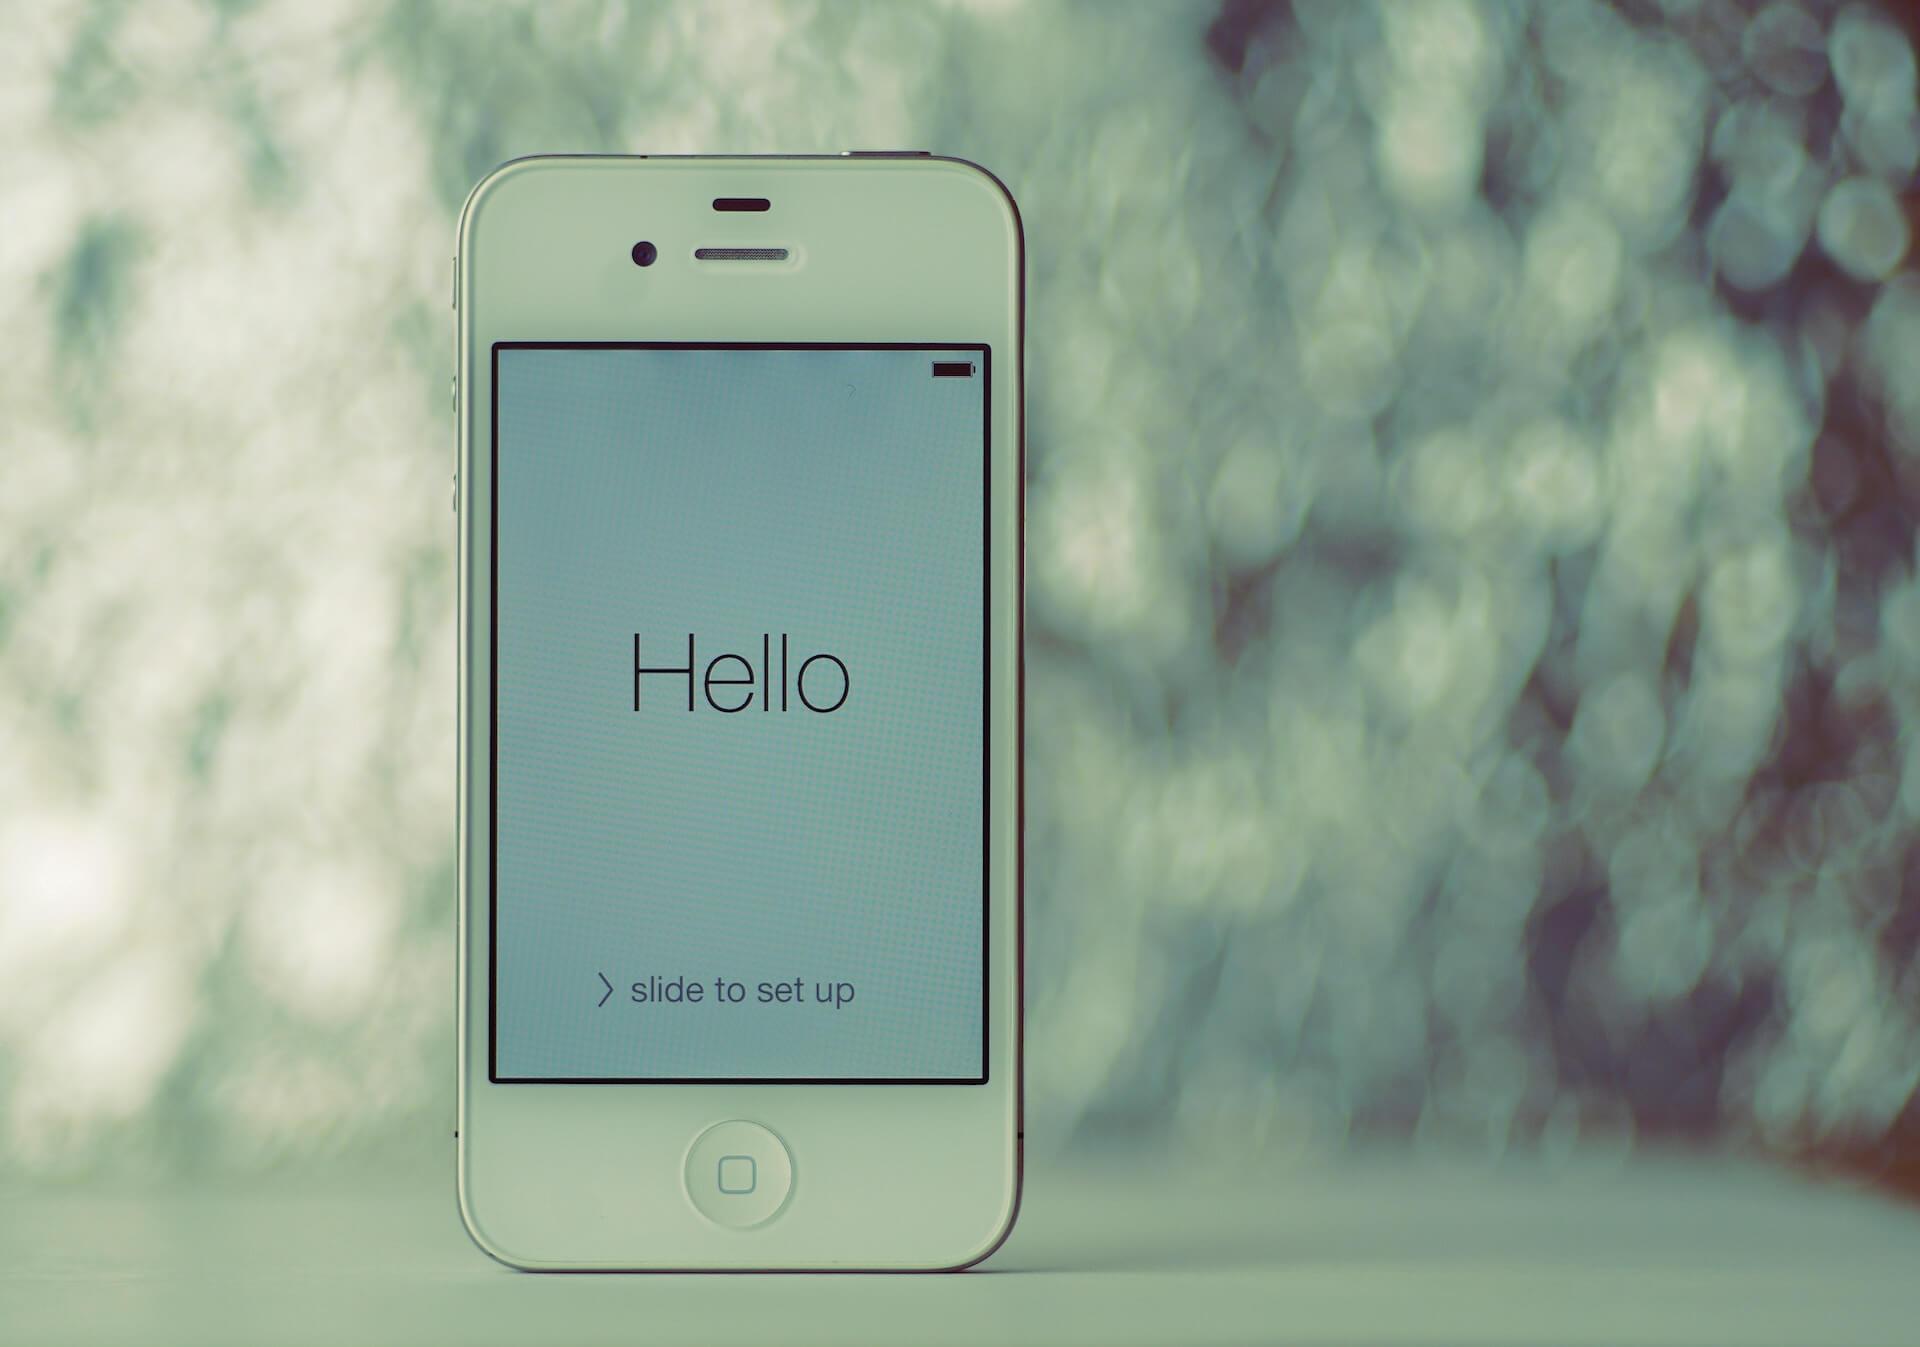 2020年発売のiPhoneはあの人気モデルのようなデザインに? tech190926_iphone_2020_main